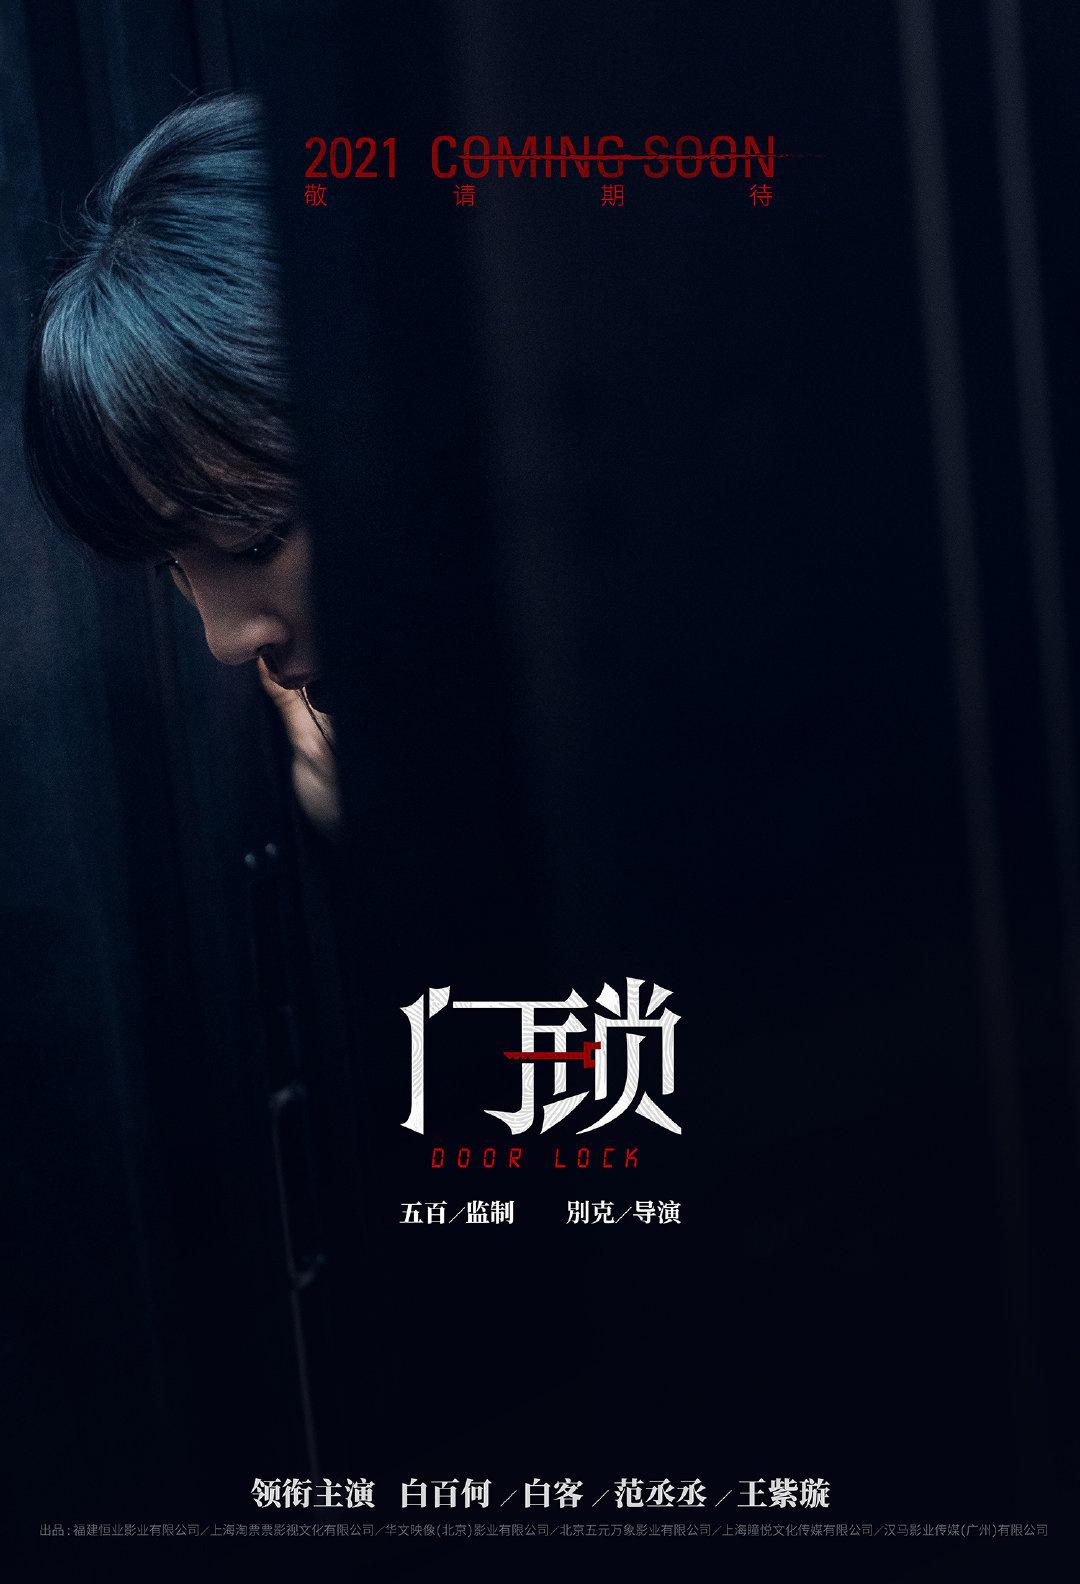 悬疑片《门锁》发布白百合亚当主演新海报